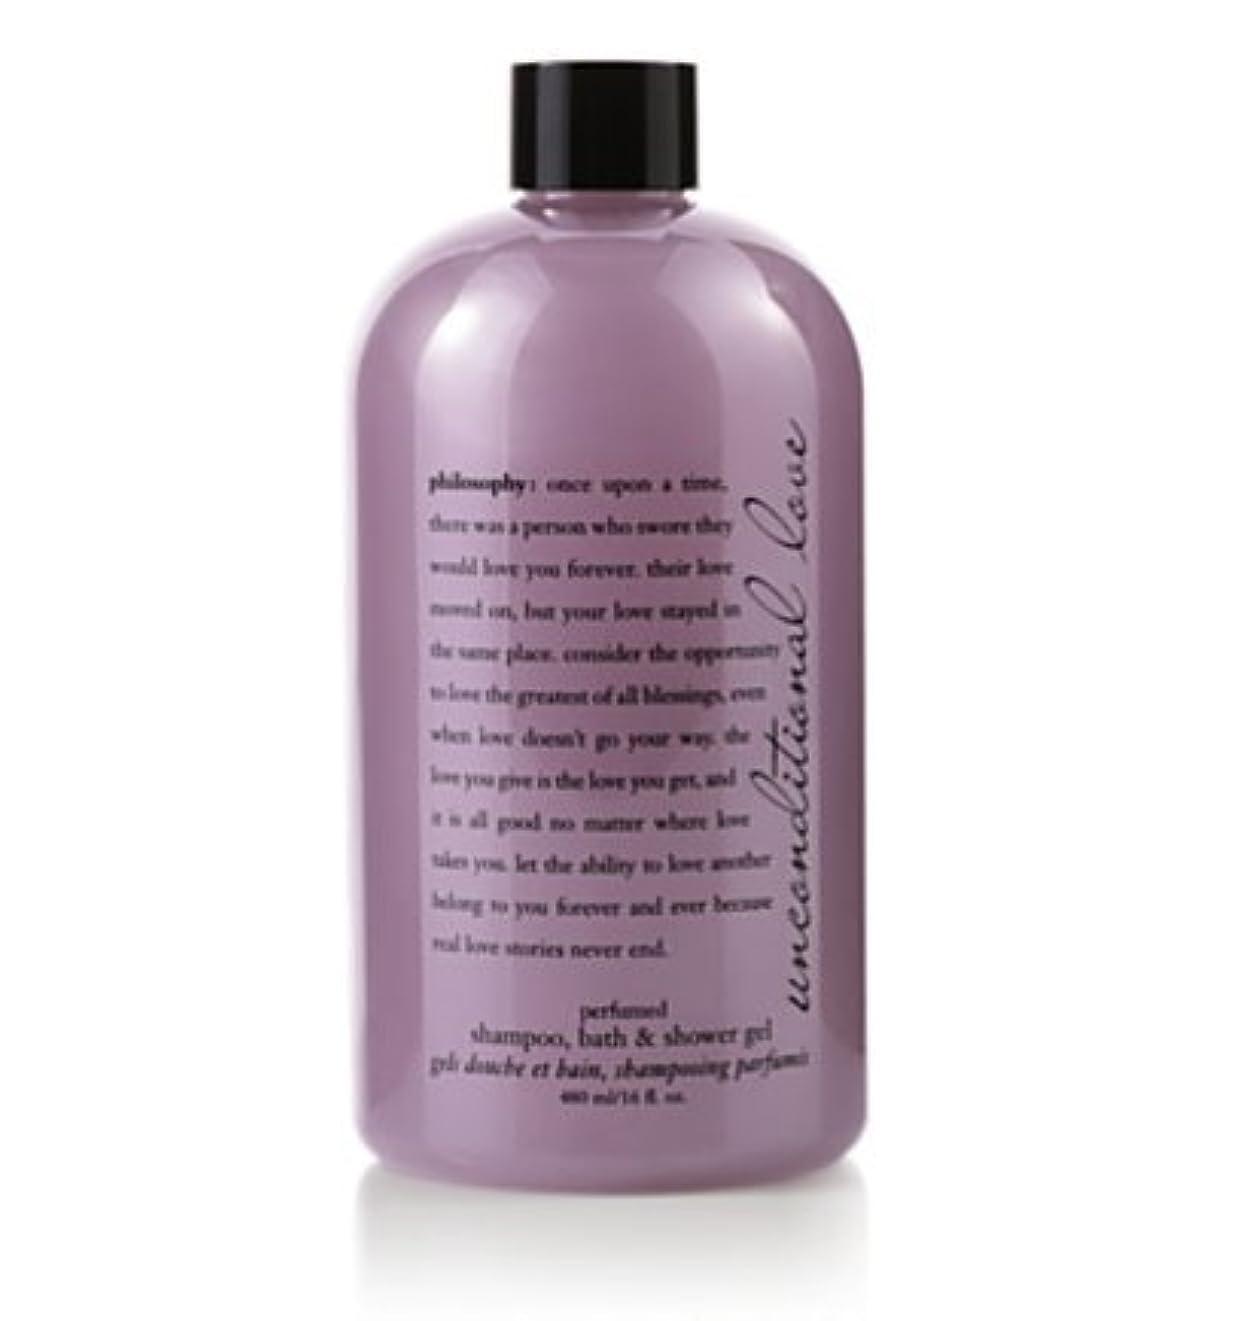 革命的ペッカディロ人形unconditional love (アンコンディショナルラブ ) 16.0 oz (480ml) perfumed shampoo, bath & shower gel for Women